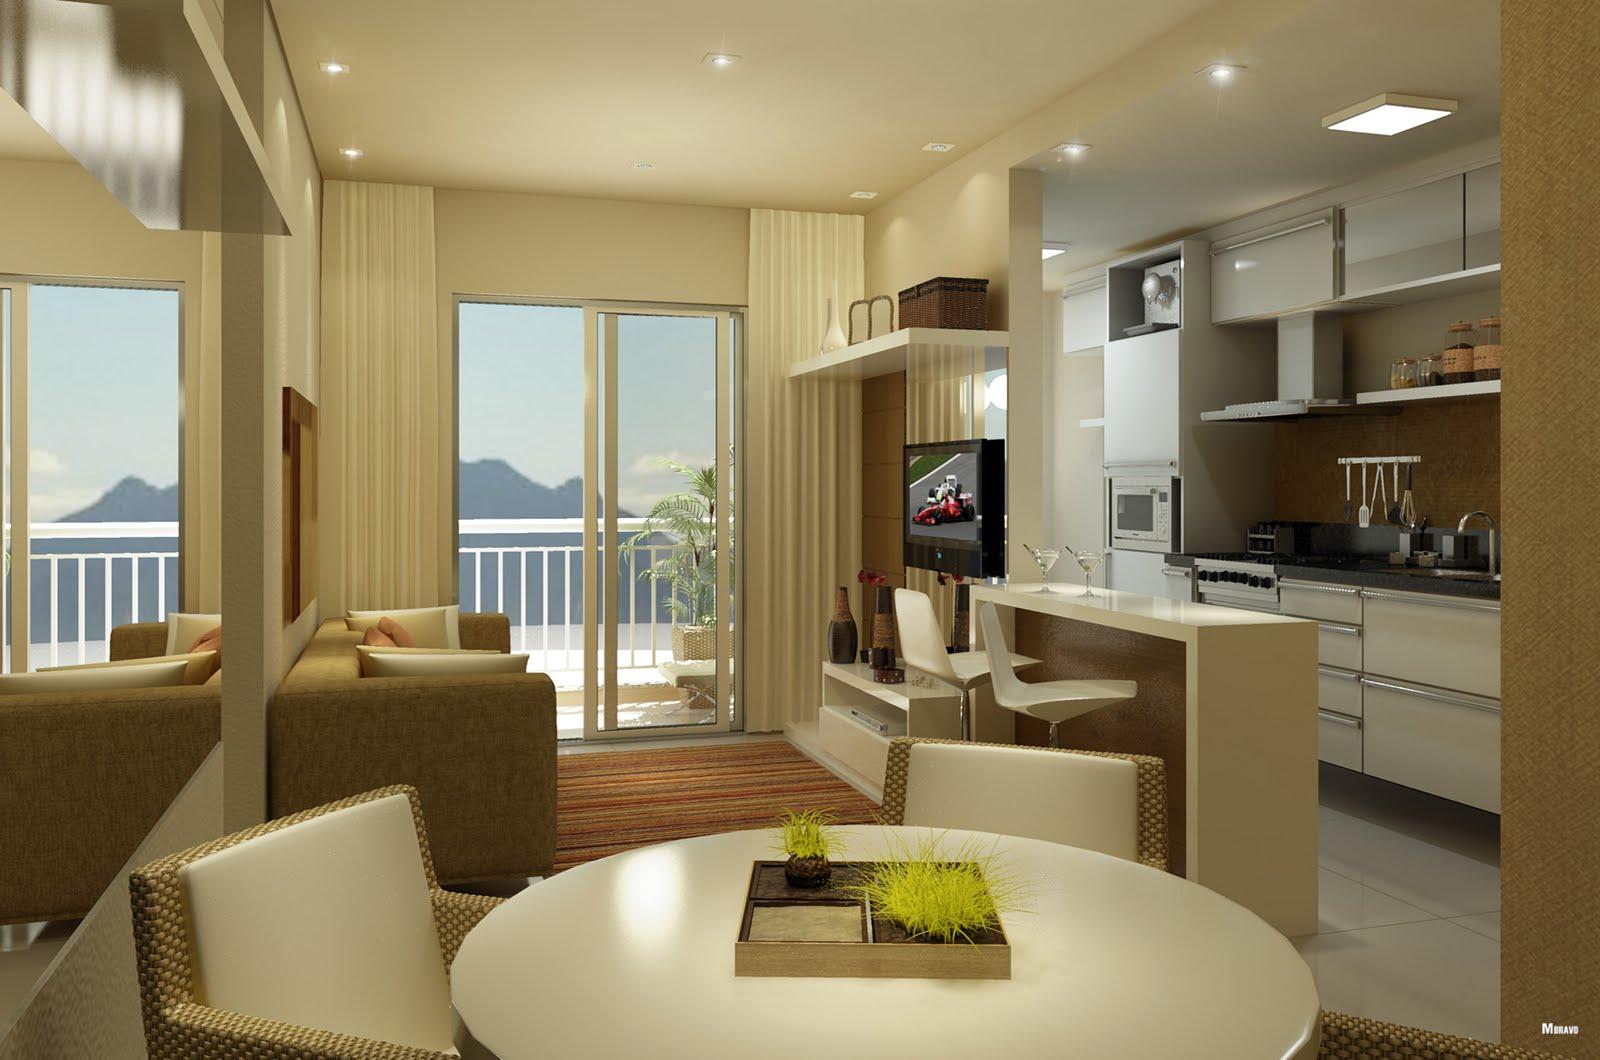 Como decorar apartamento pequeno tire duvidas aqui moda e confortomoda e conforto - Como decorar un apartamento ...